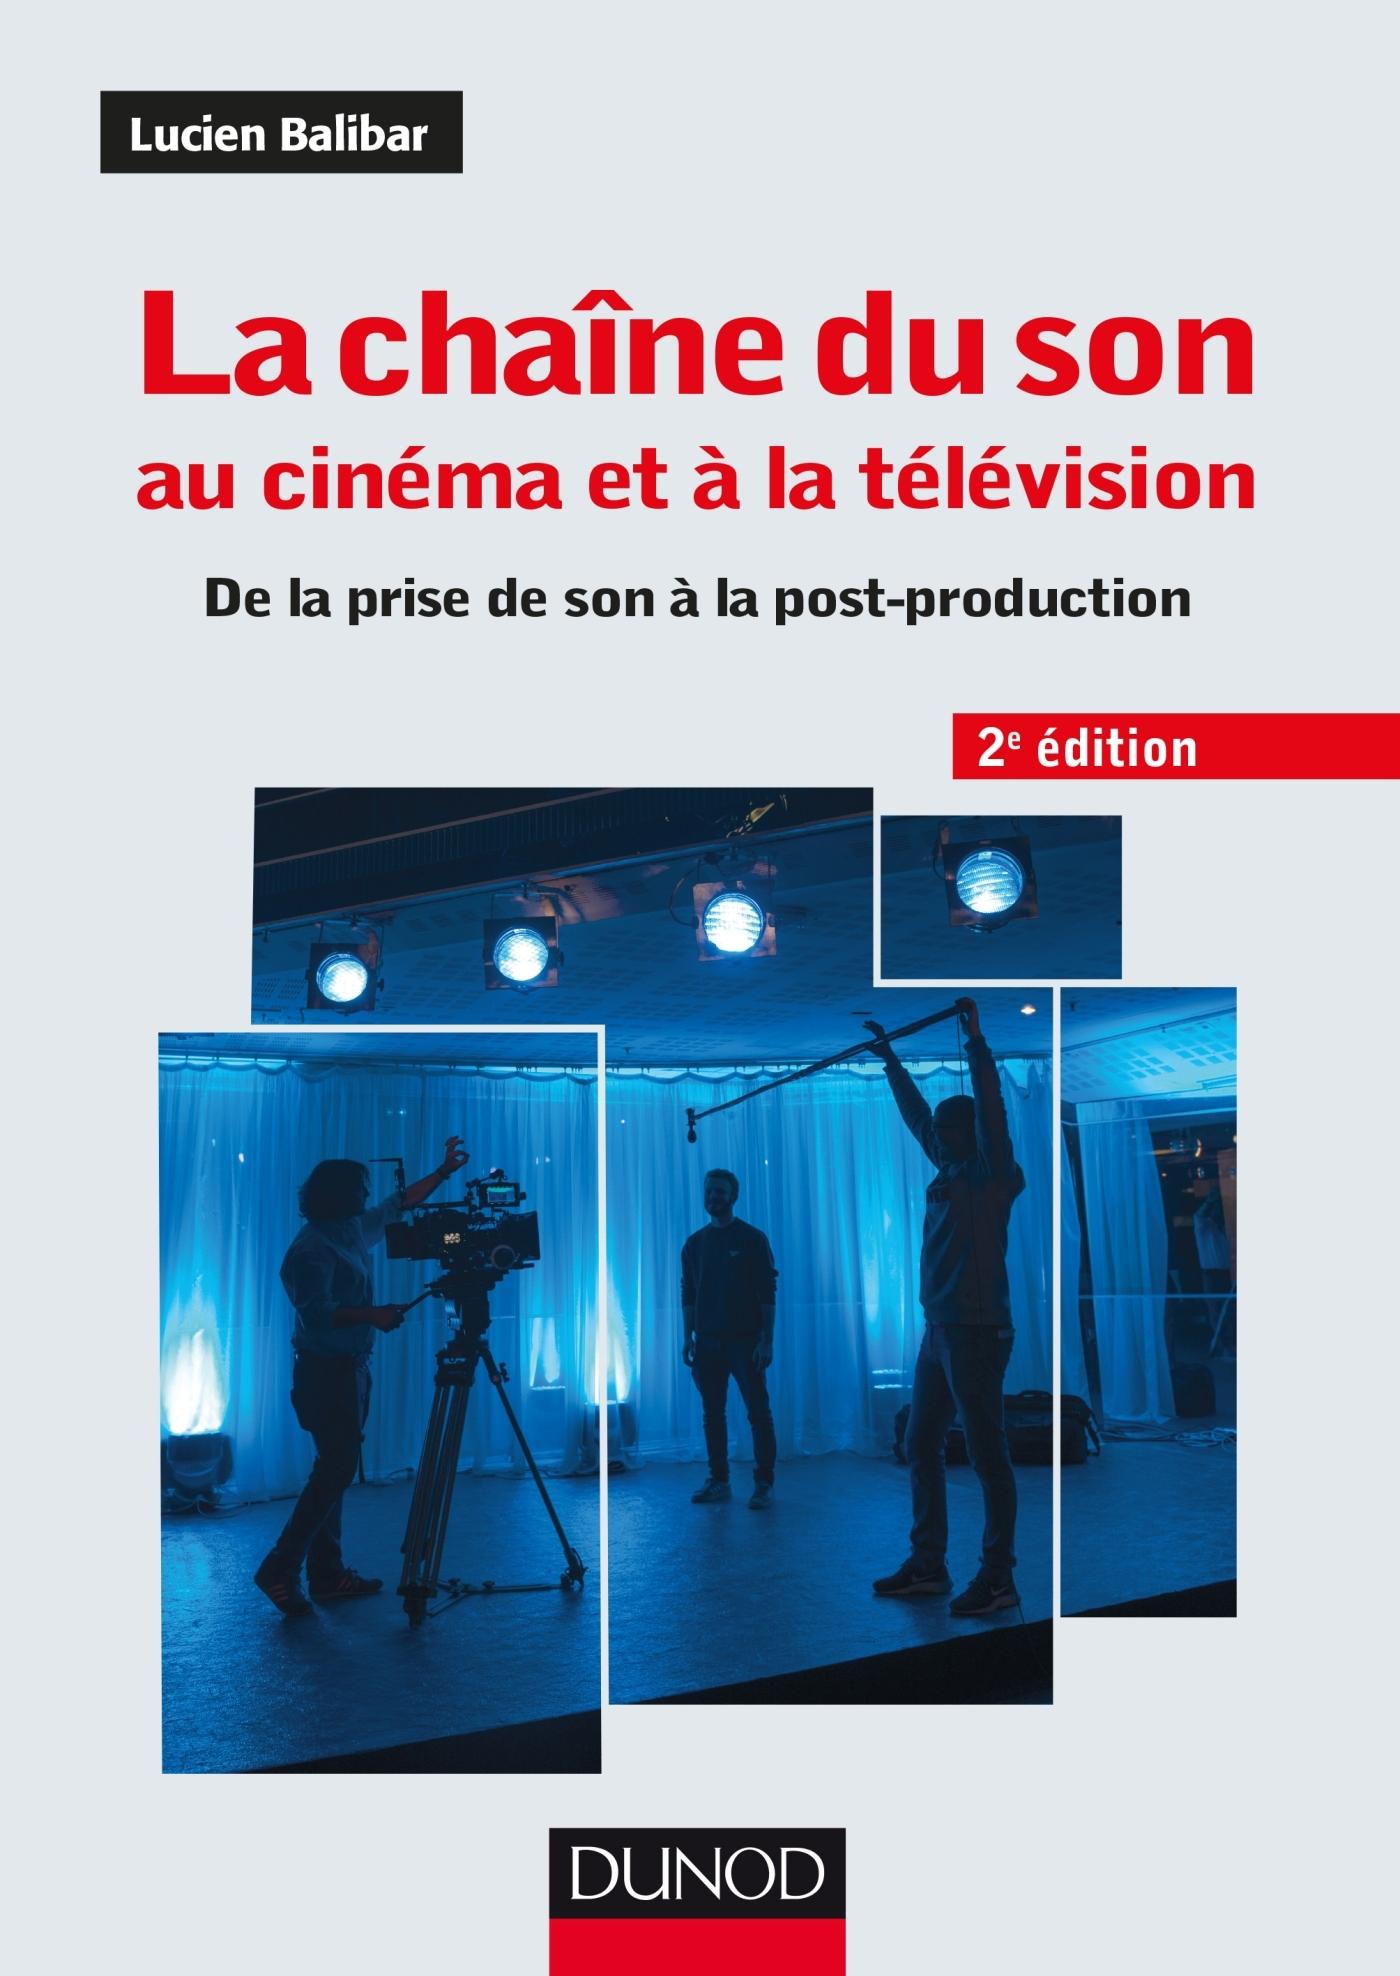 LA CHAINE DU SON AU CINEMA ET A LA TELEVISION - 2E ED. - DE LA PRISE DE SON A LA POST-PRODUCTION